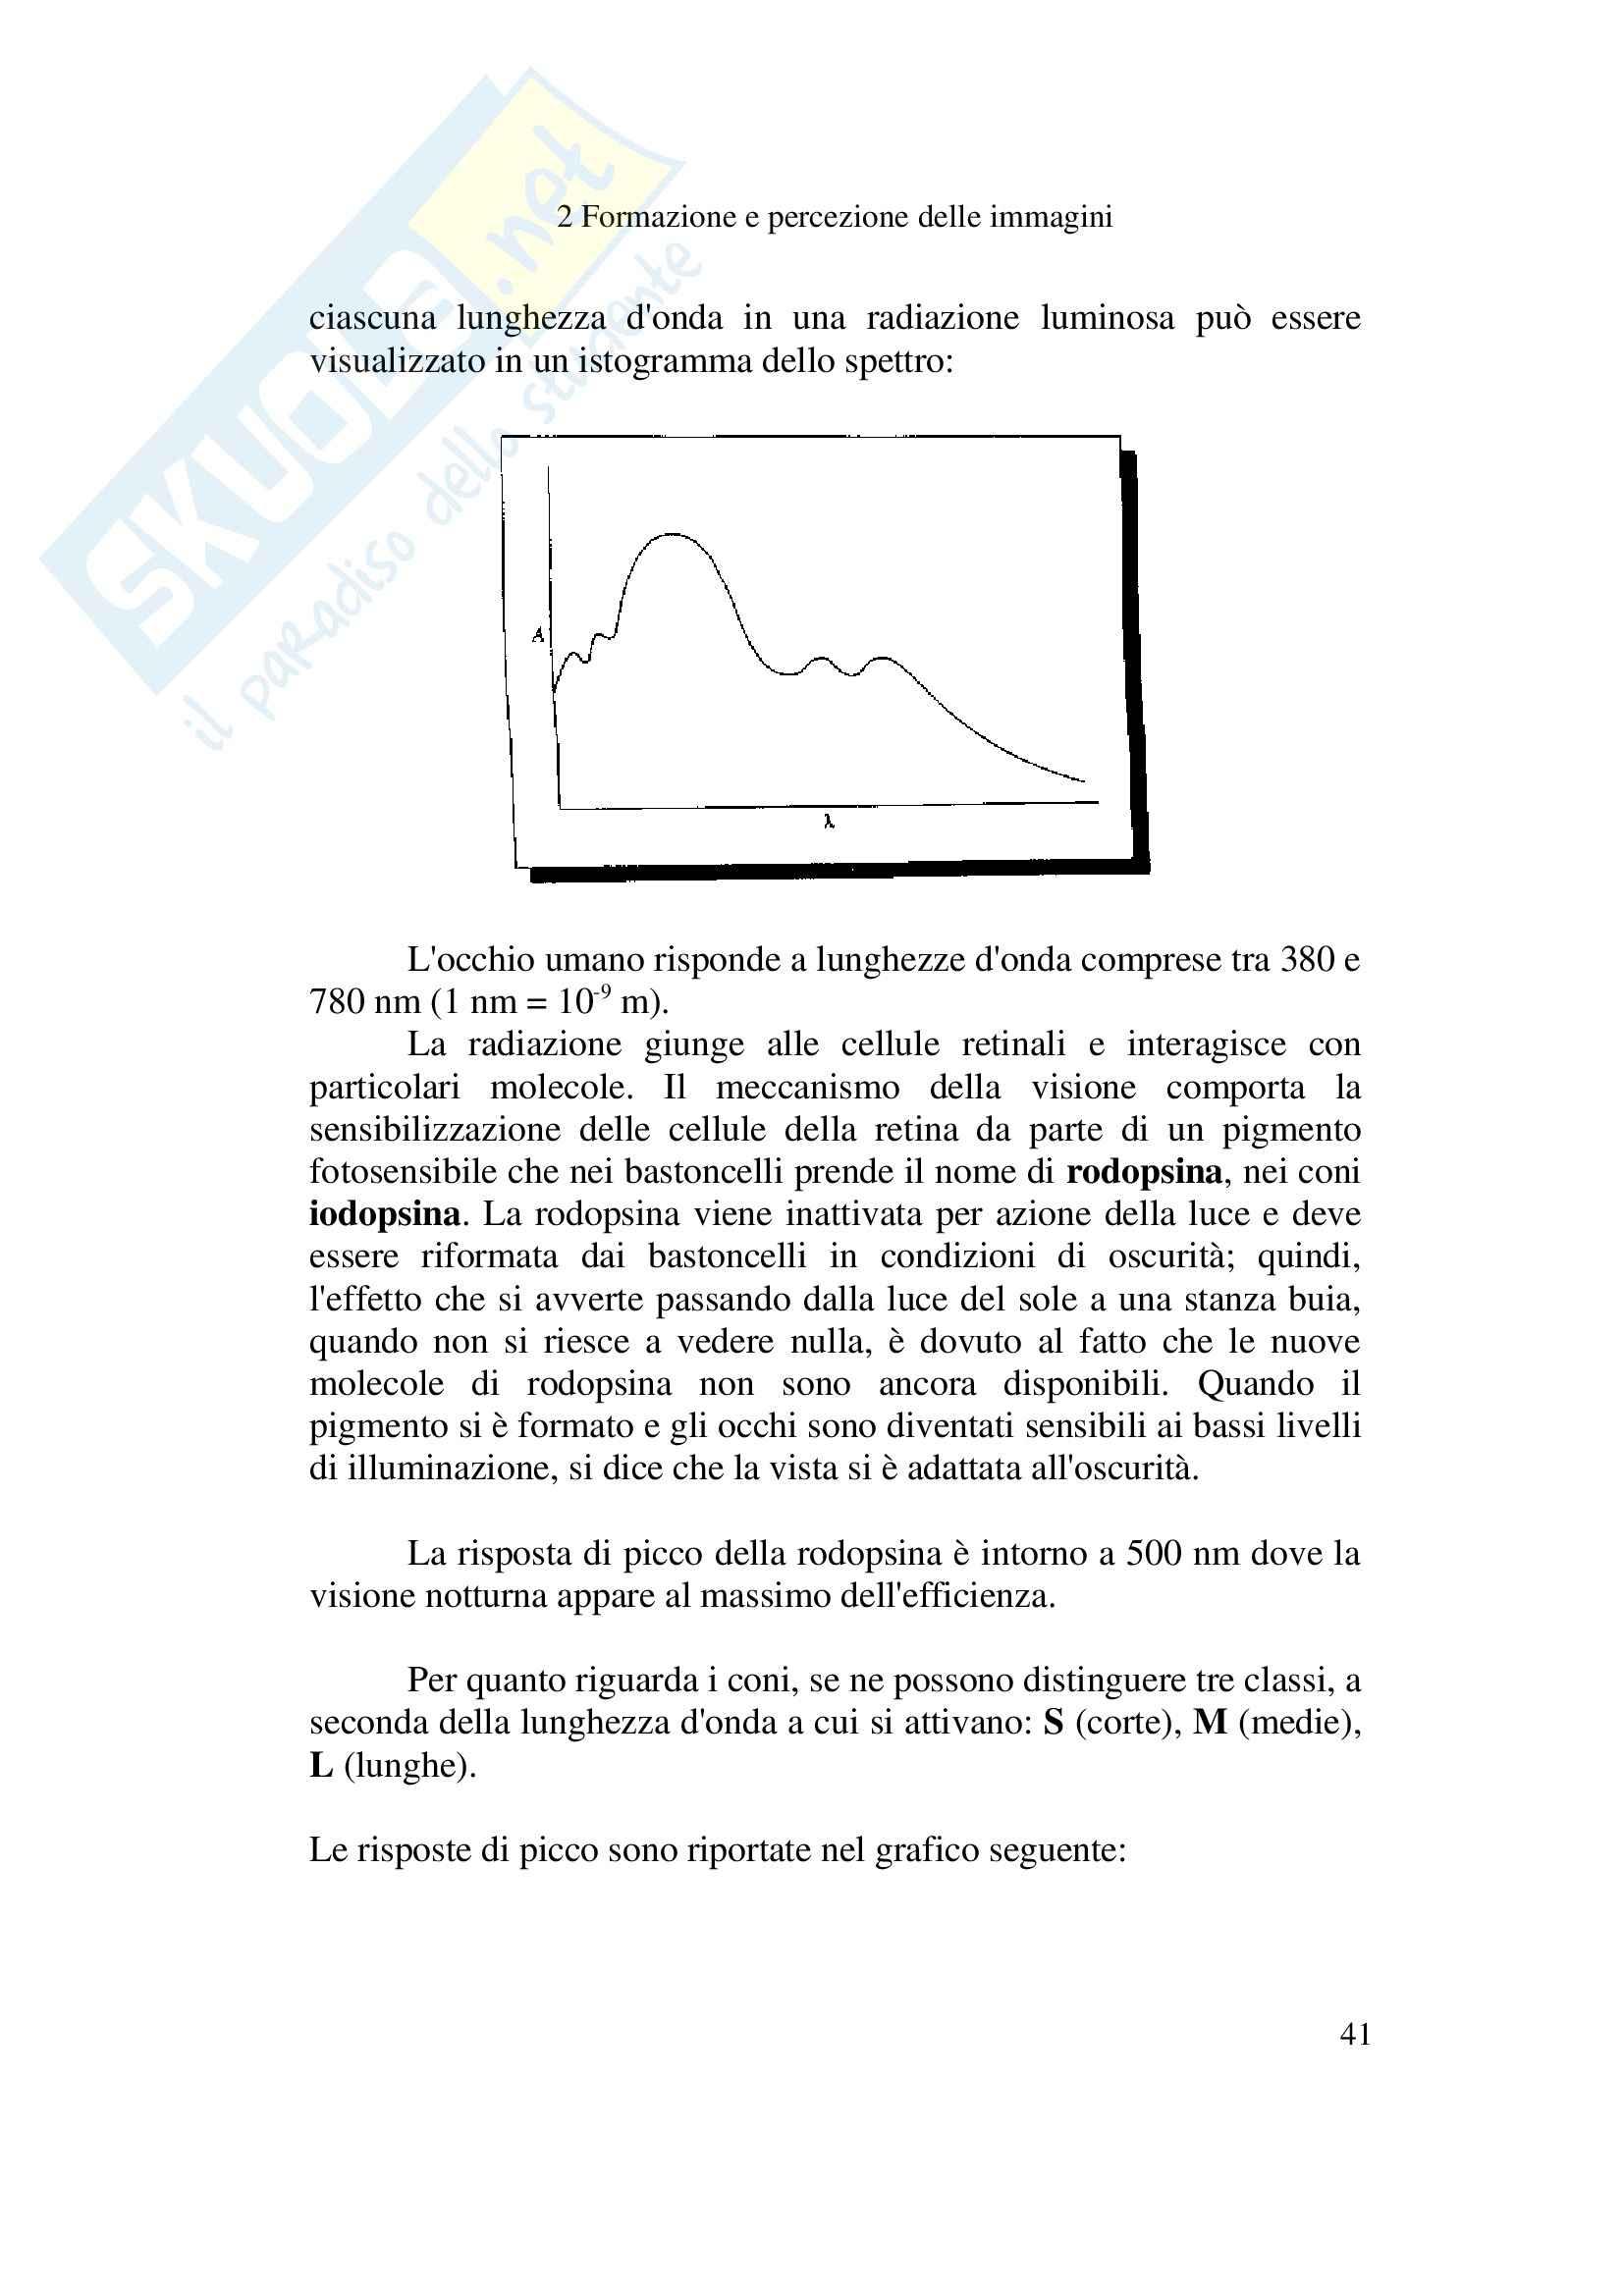 Formazione e percezione delle immagini - Appunti Pag. 41